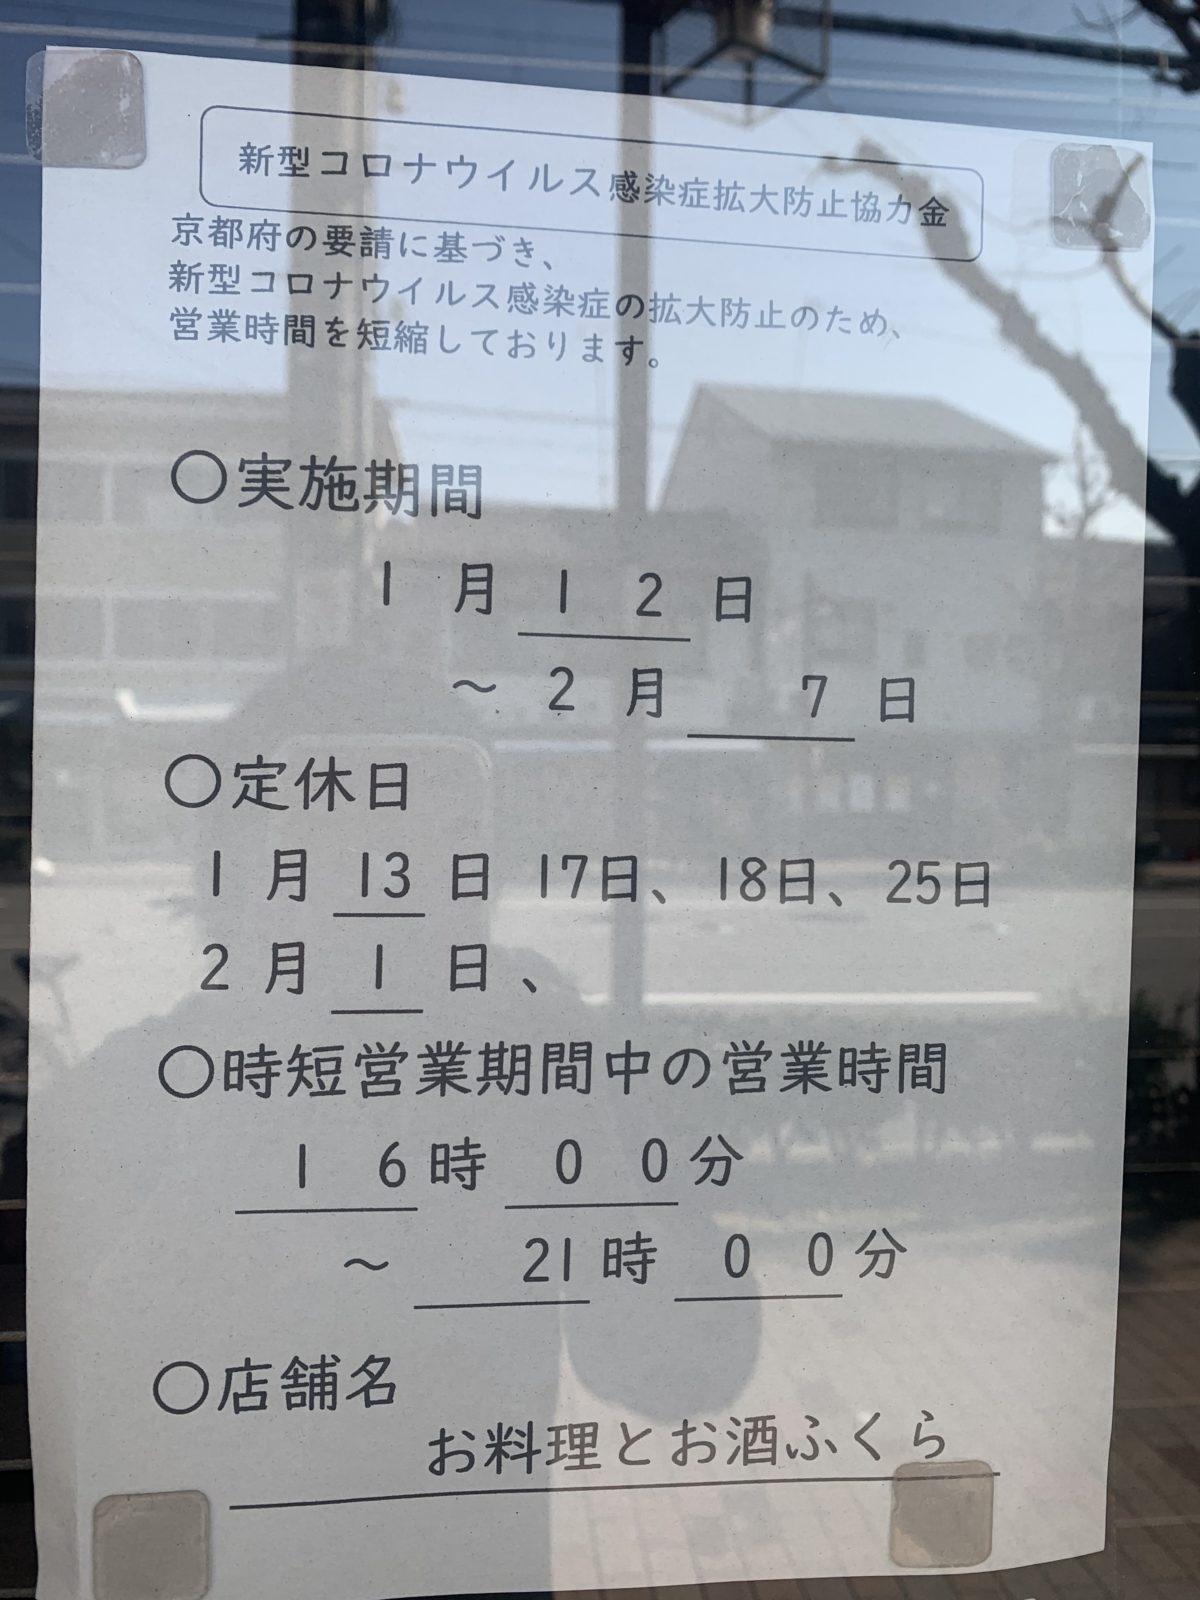 京都府時短要請延長について